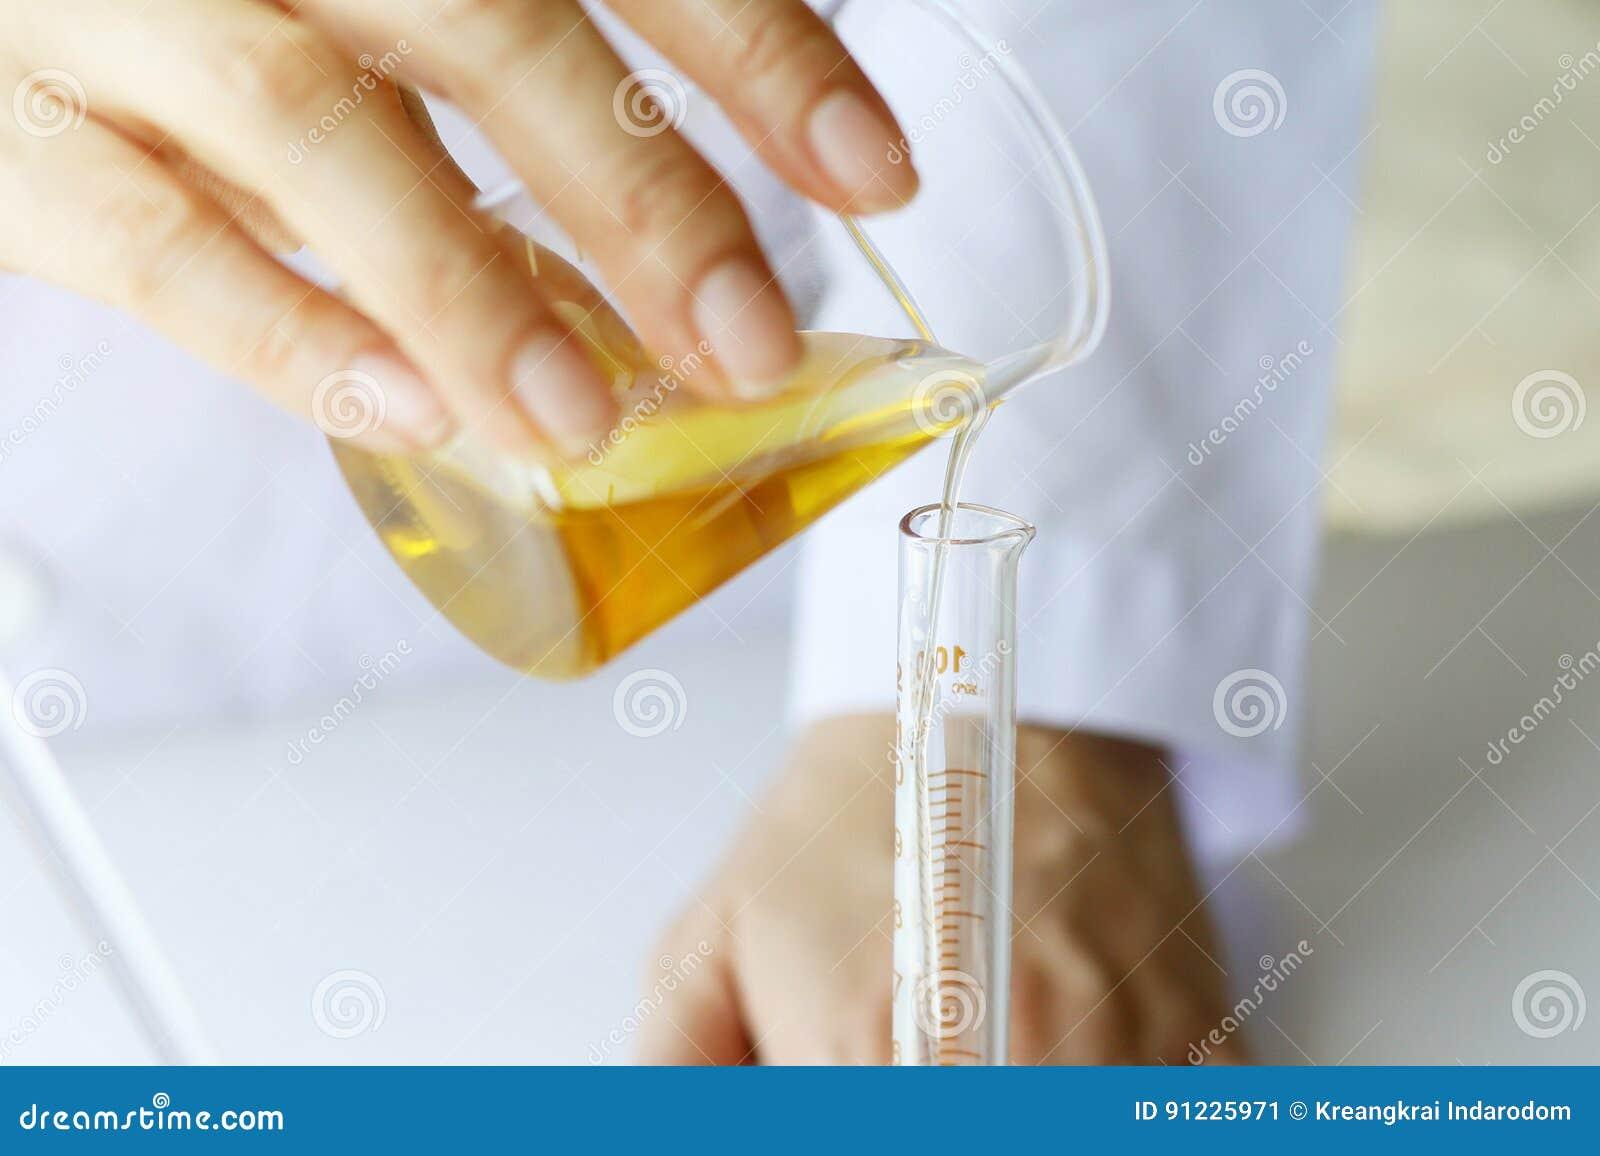 Skincare наук косметик красоты, формулировать и смешивать с травяной сутью, ученым лить органическое эфирное масло